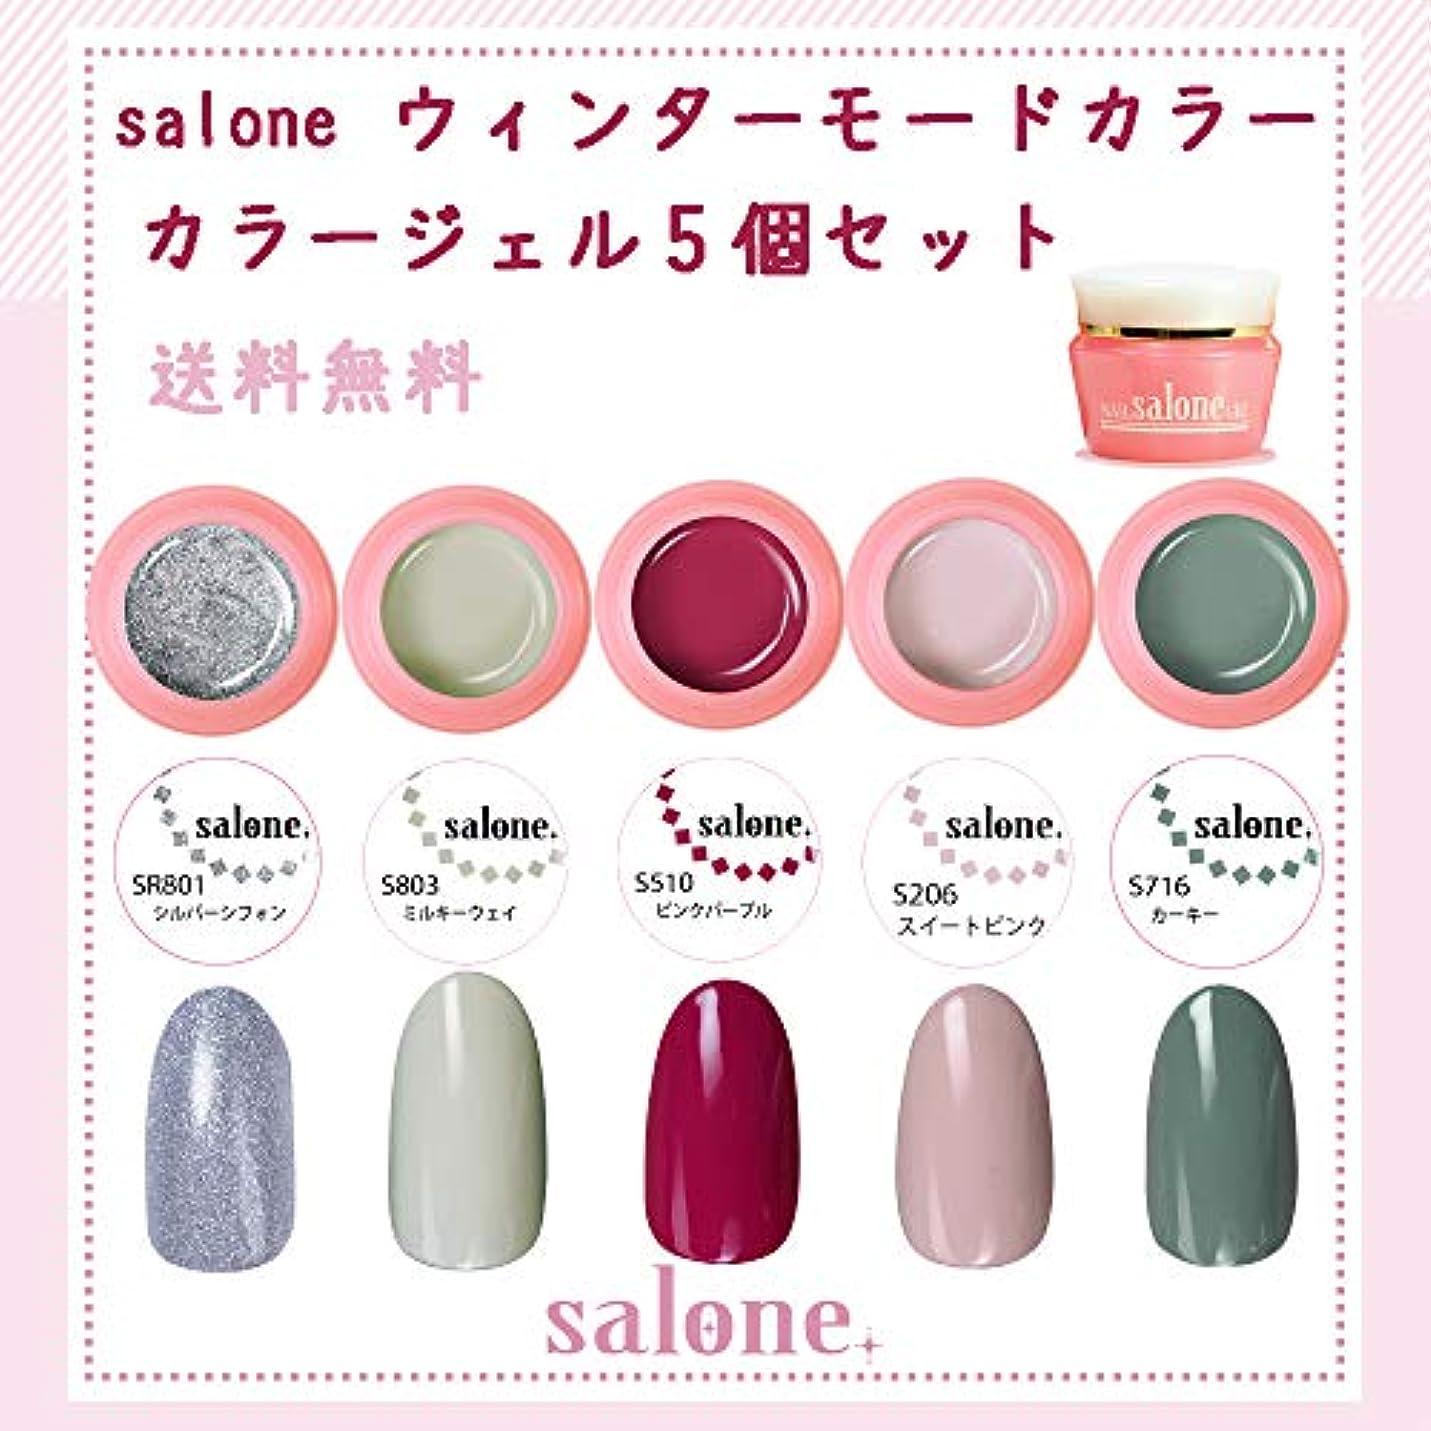 移民言及するコーナー【送料無料 日本製】Salone モード カラージェル5個セット ネイルのマストカラーオシャレなモードカラー